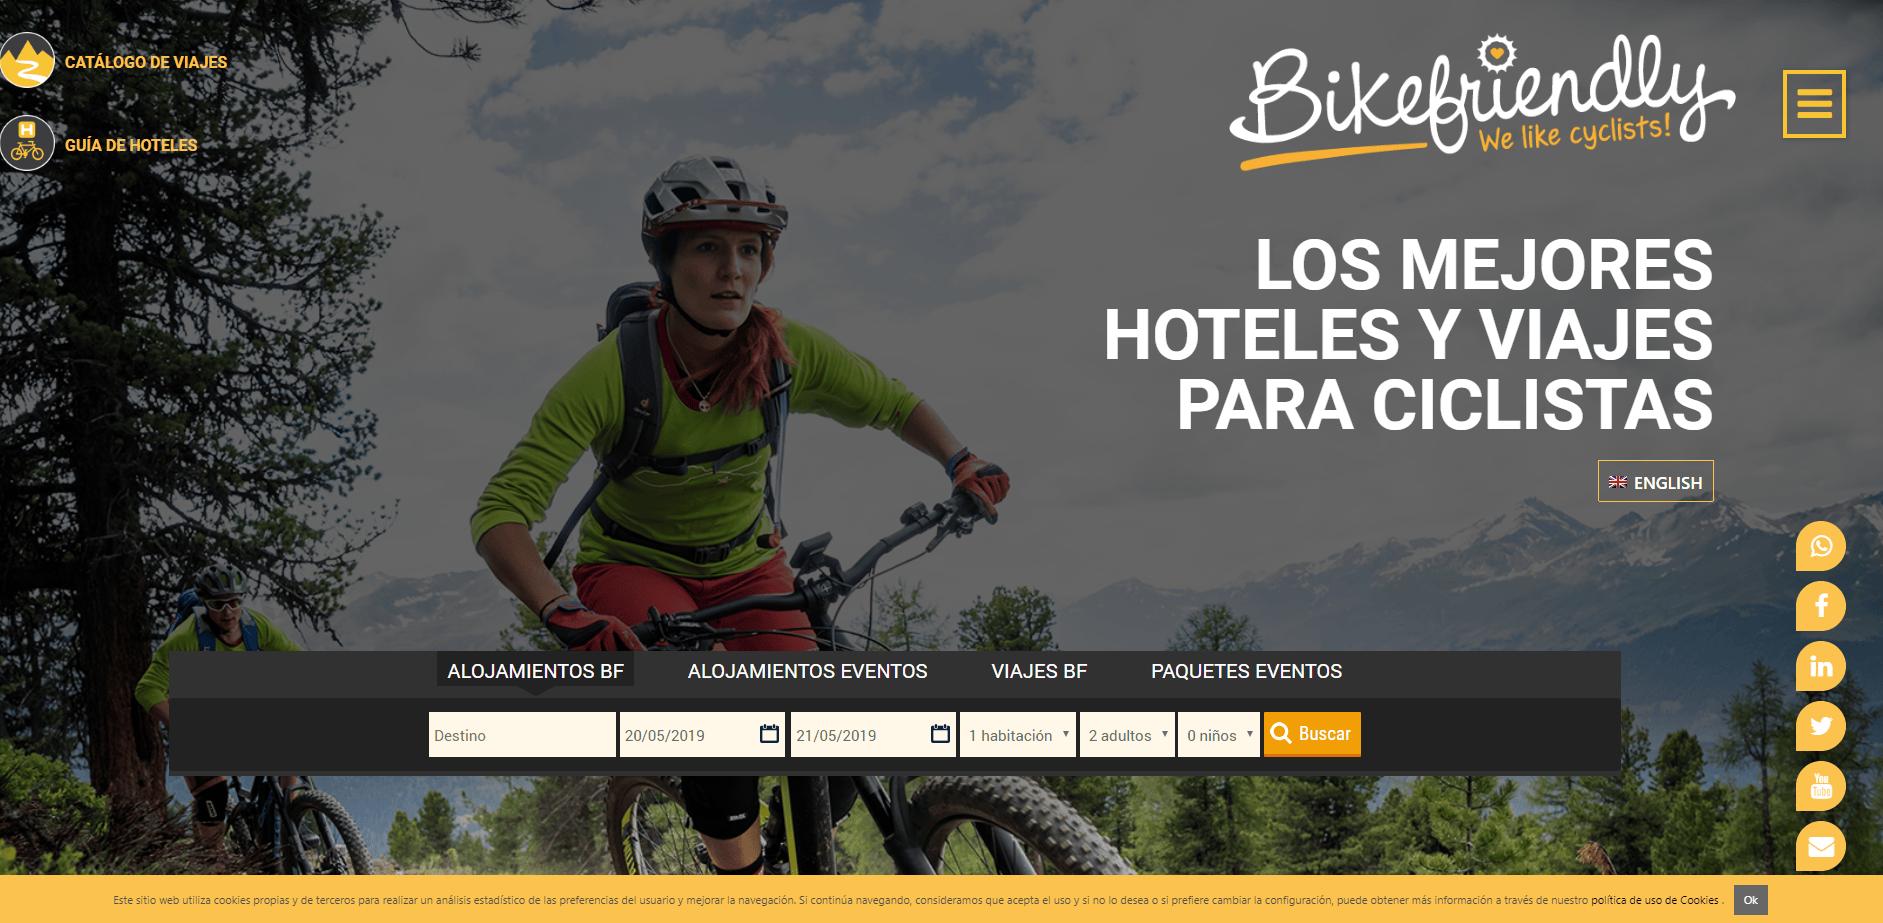 Bikefriendly, los mejores hoteles y viajes para ciclistas en una nueva página web